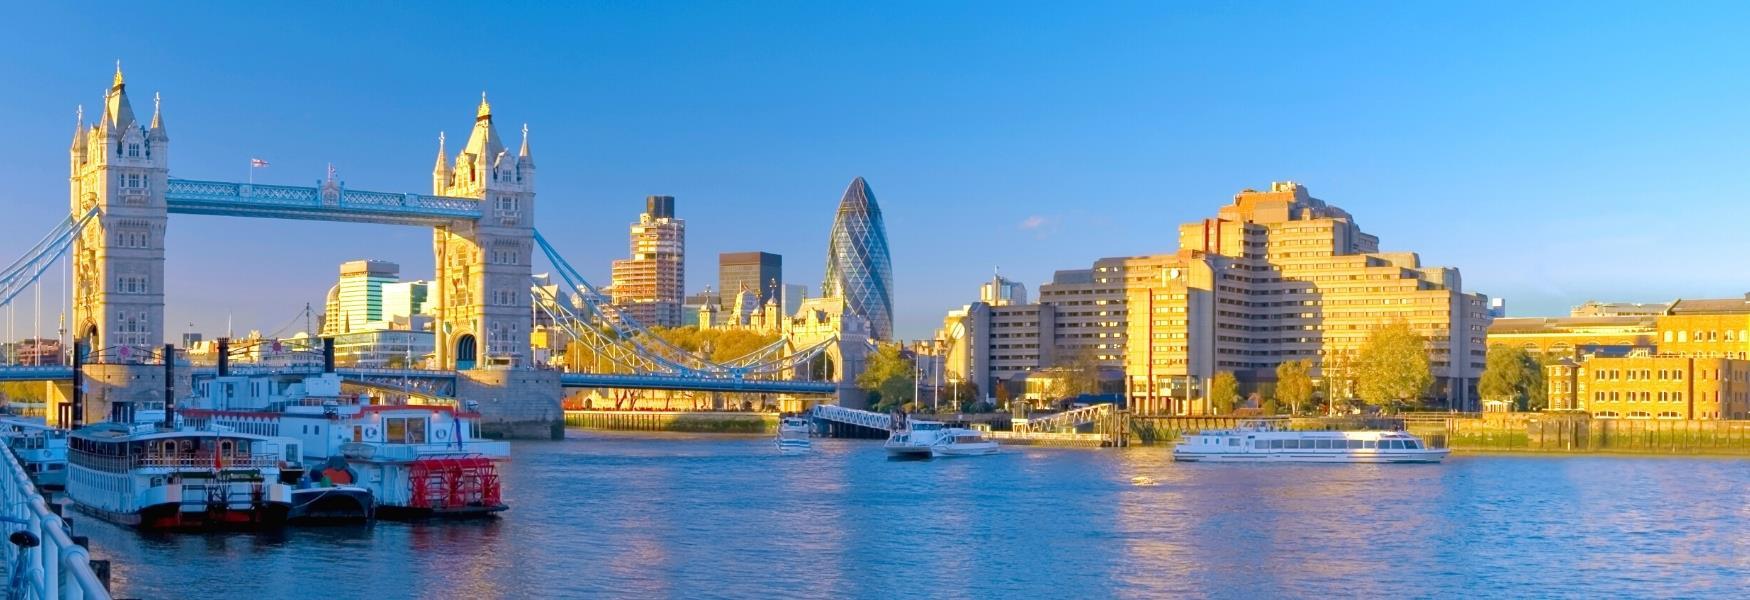 London Accommodation